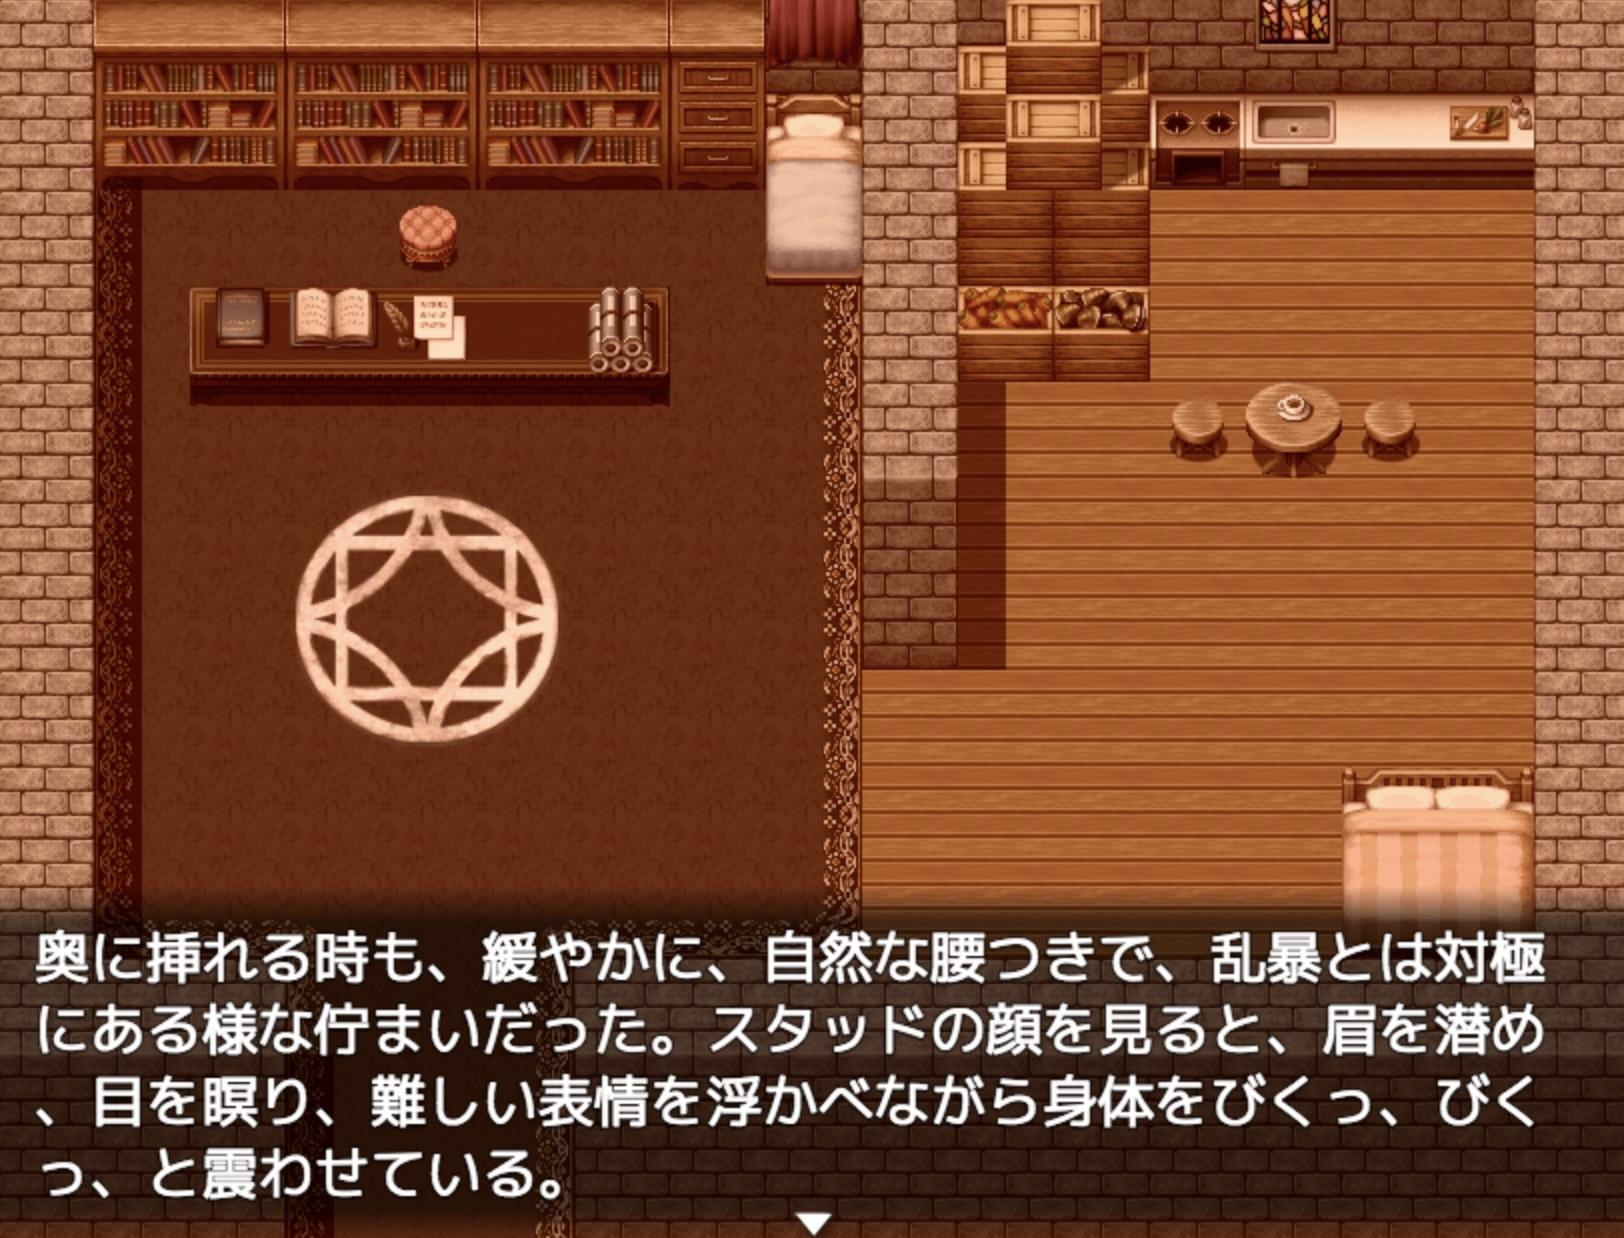 【デジノベ】プレイガール:スタッド編(下)